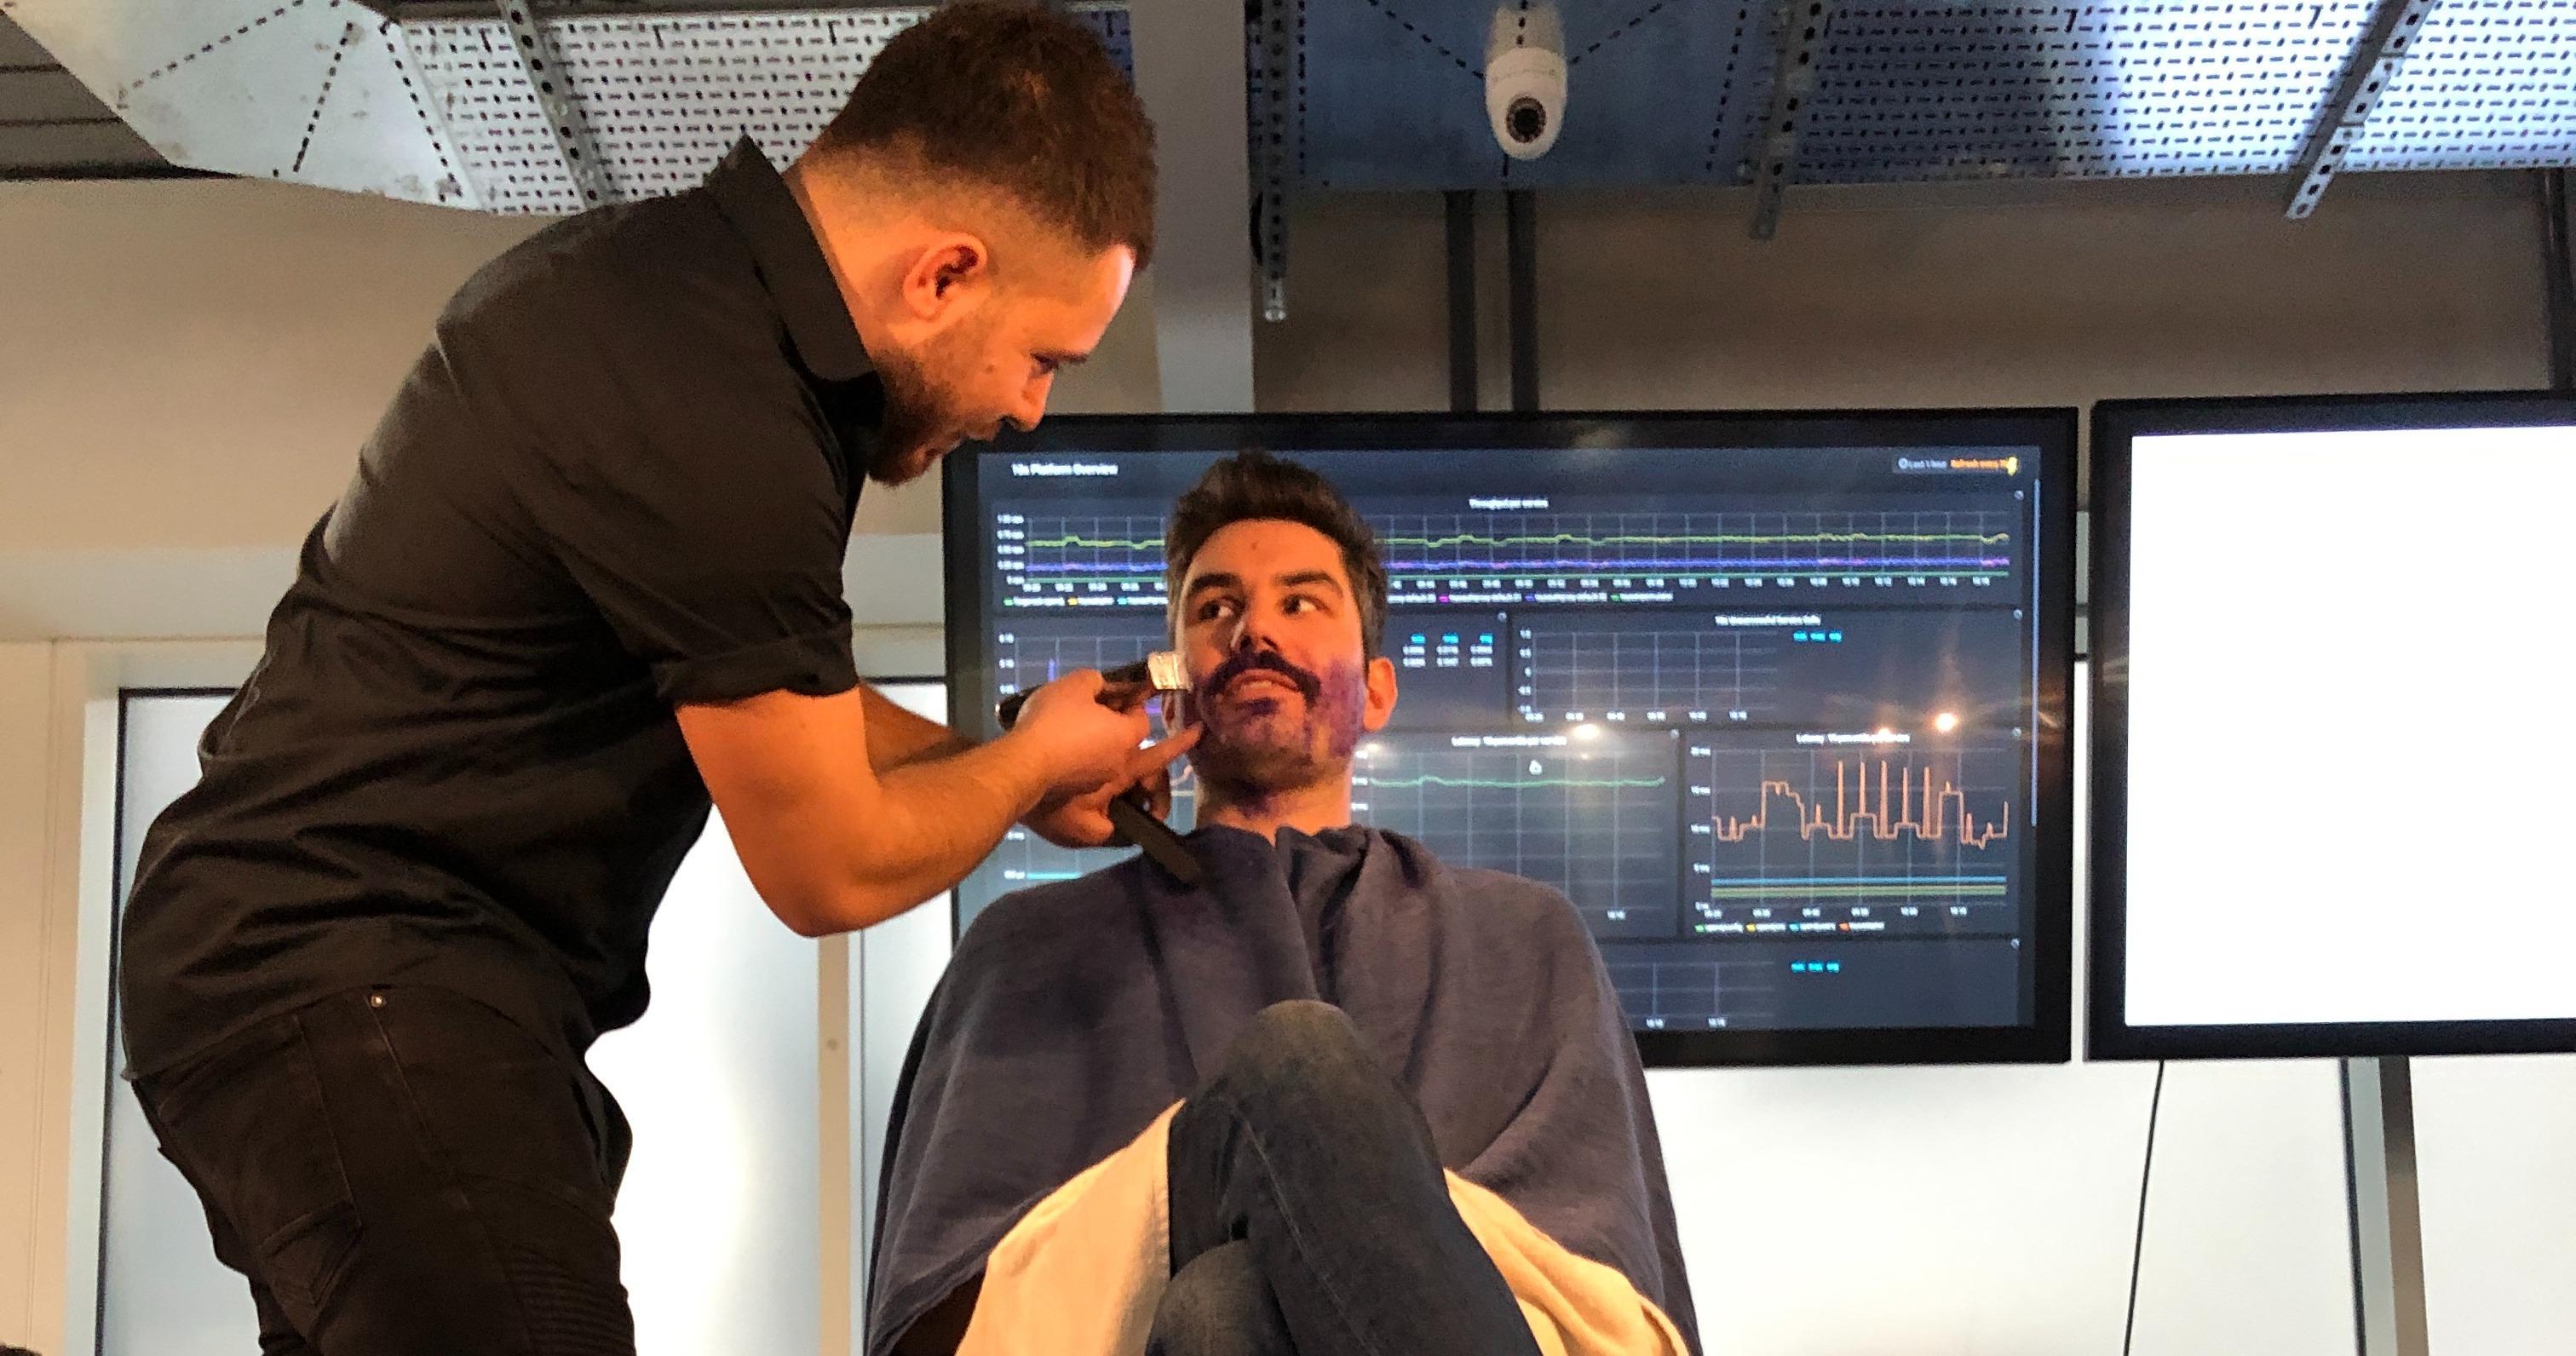 Movemeber - shave off